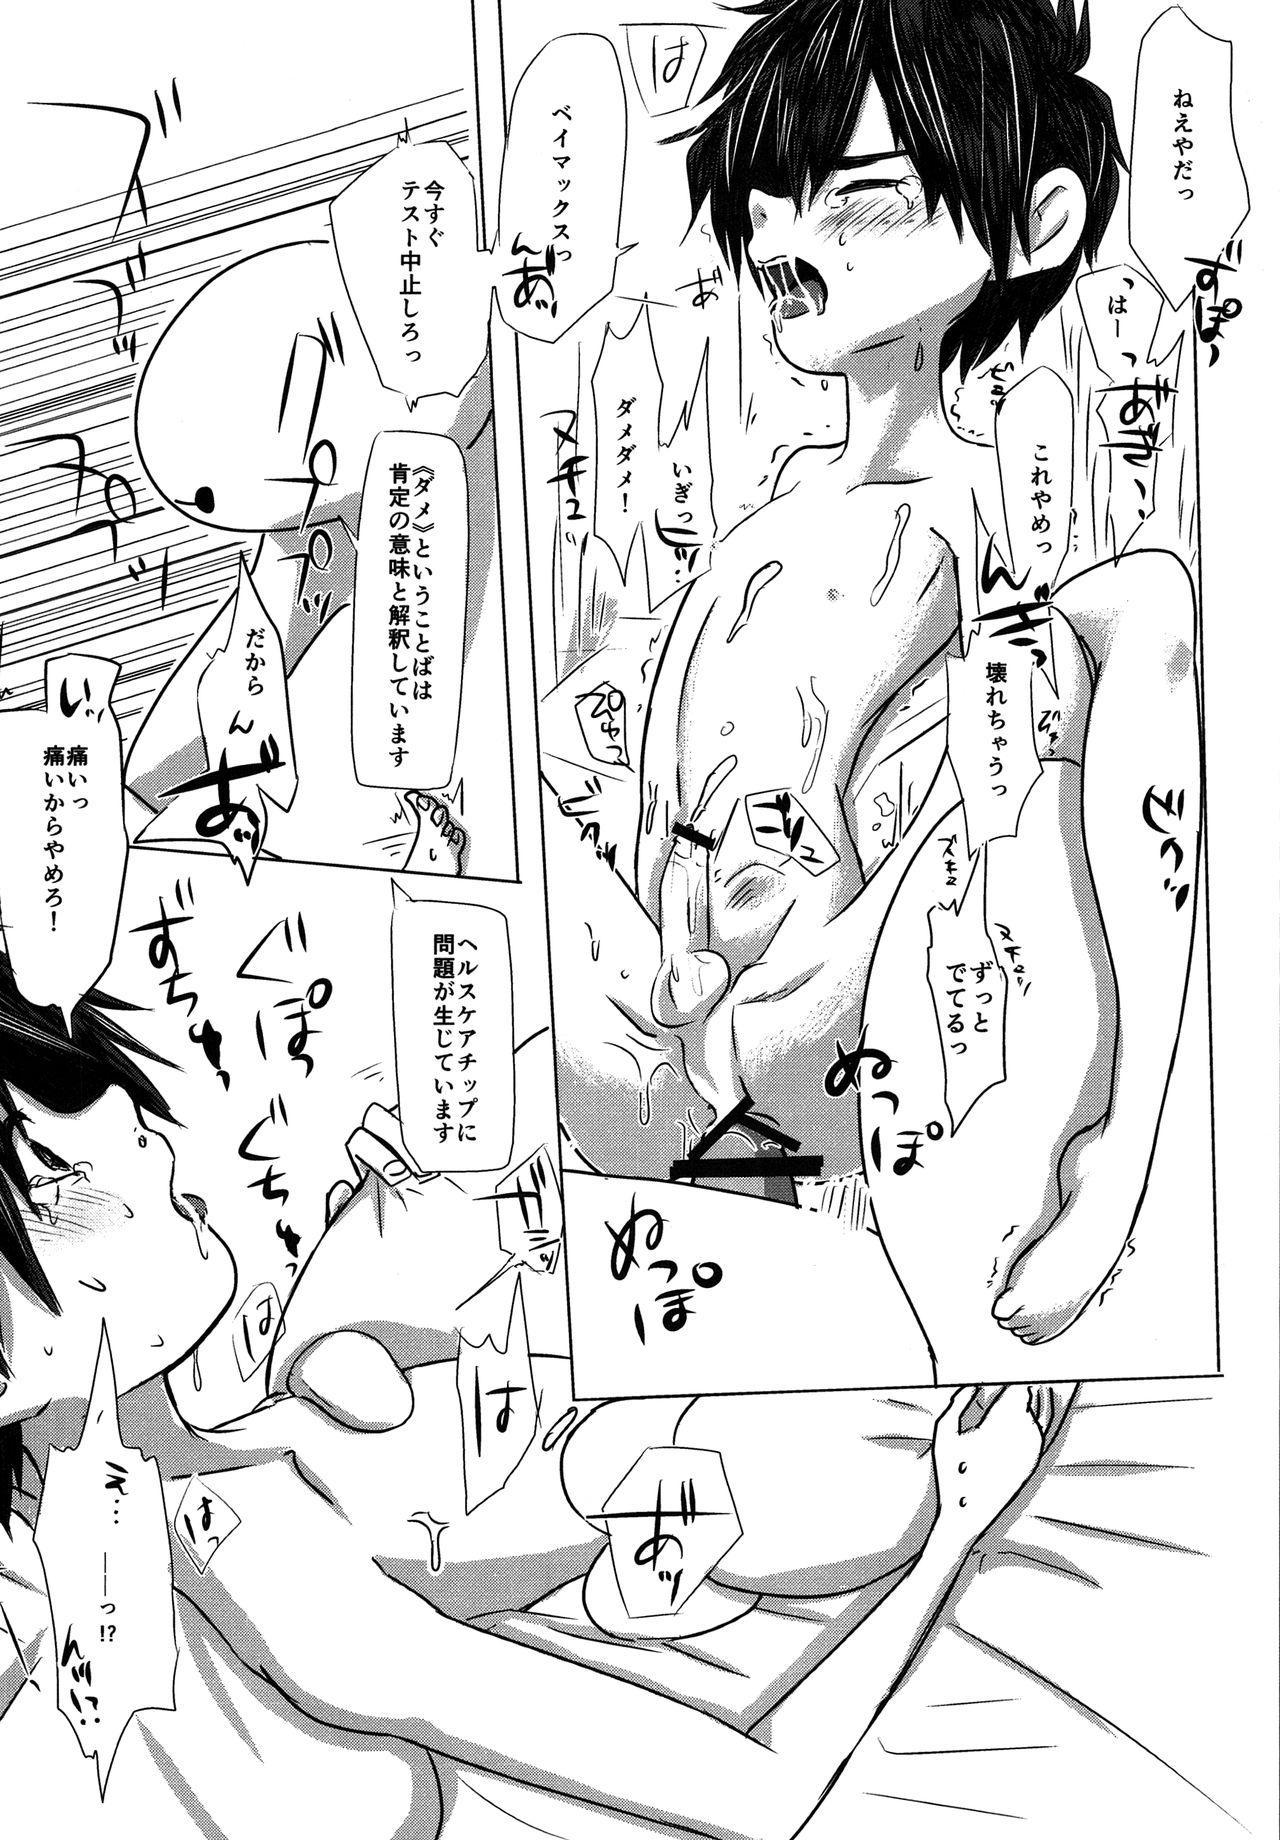 Hitori De Dekiru Mon 13